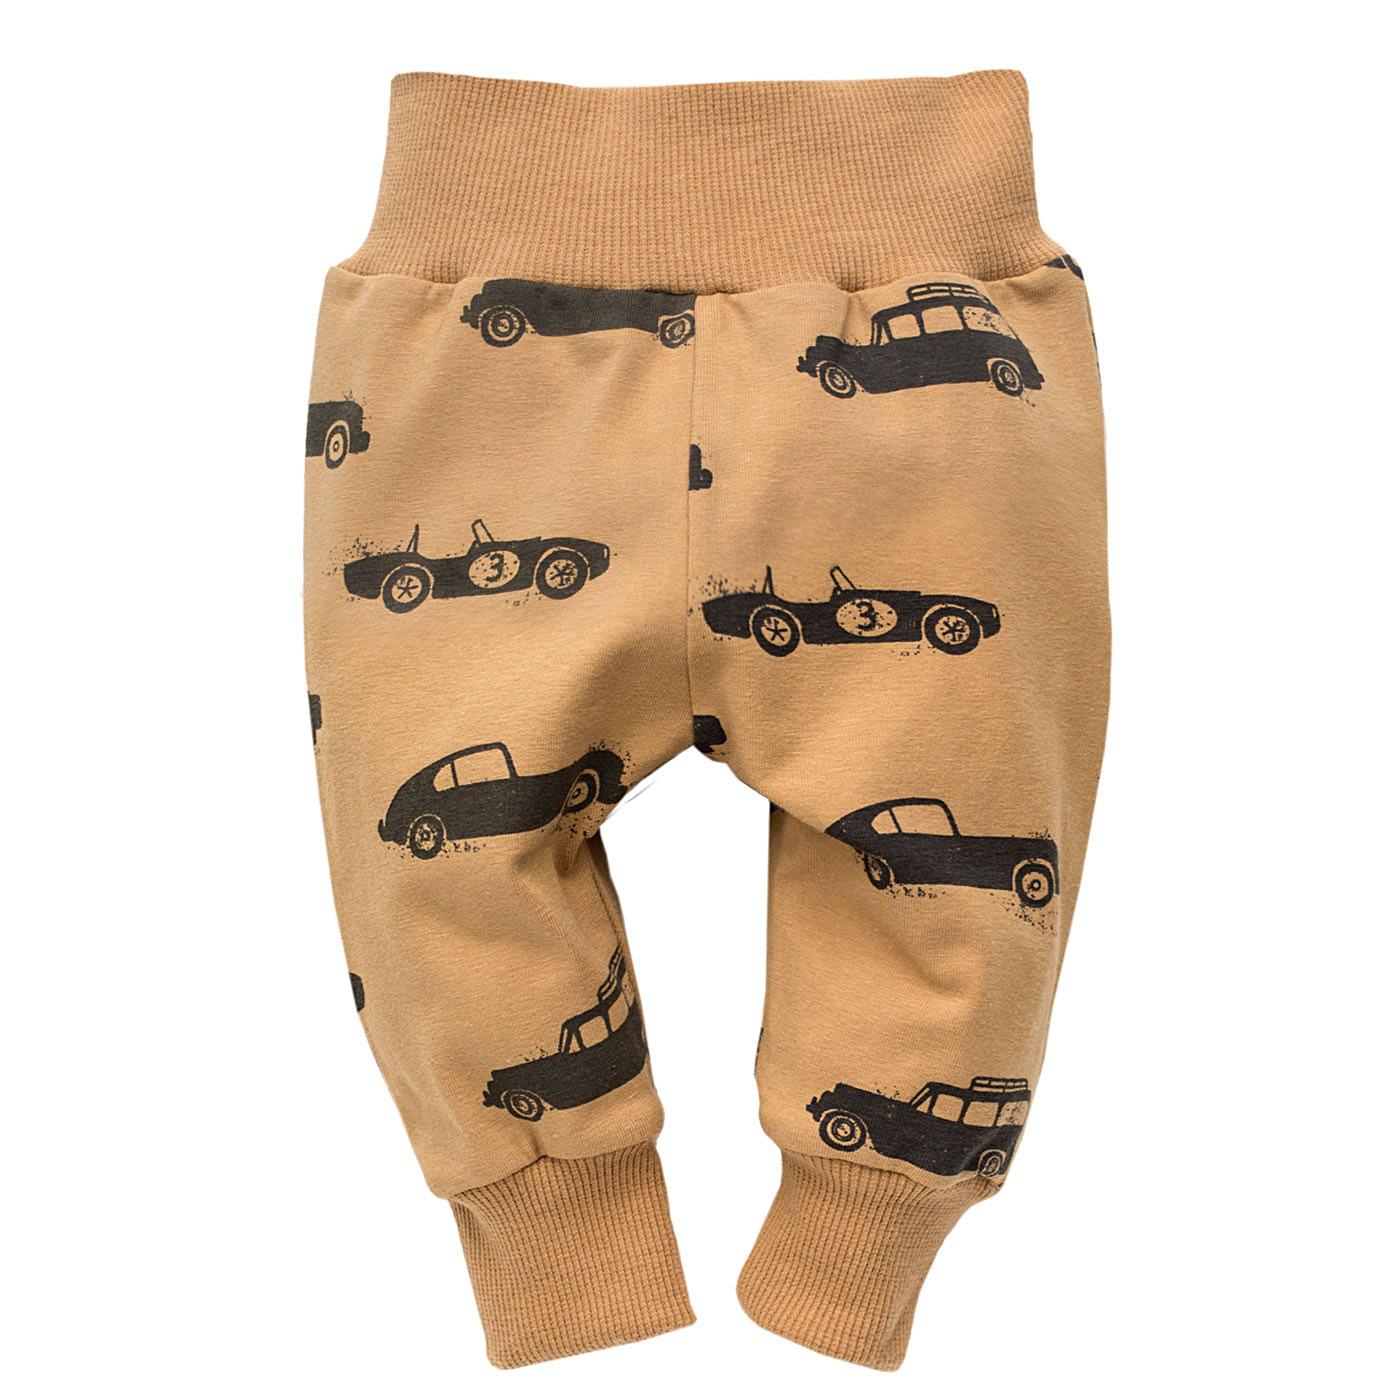 Spodnie dresowe chłopięce, brązowy karmelowy, old cars, pinokio Smyk 6402479